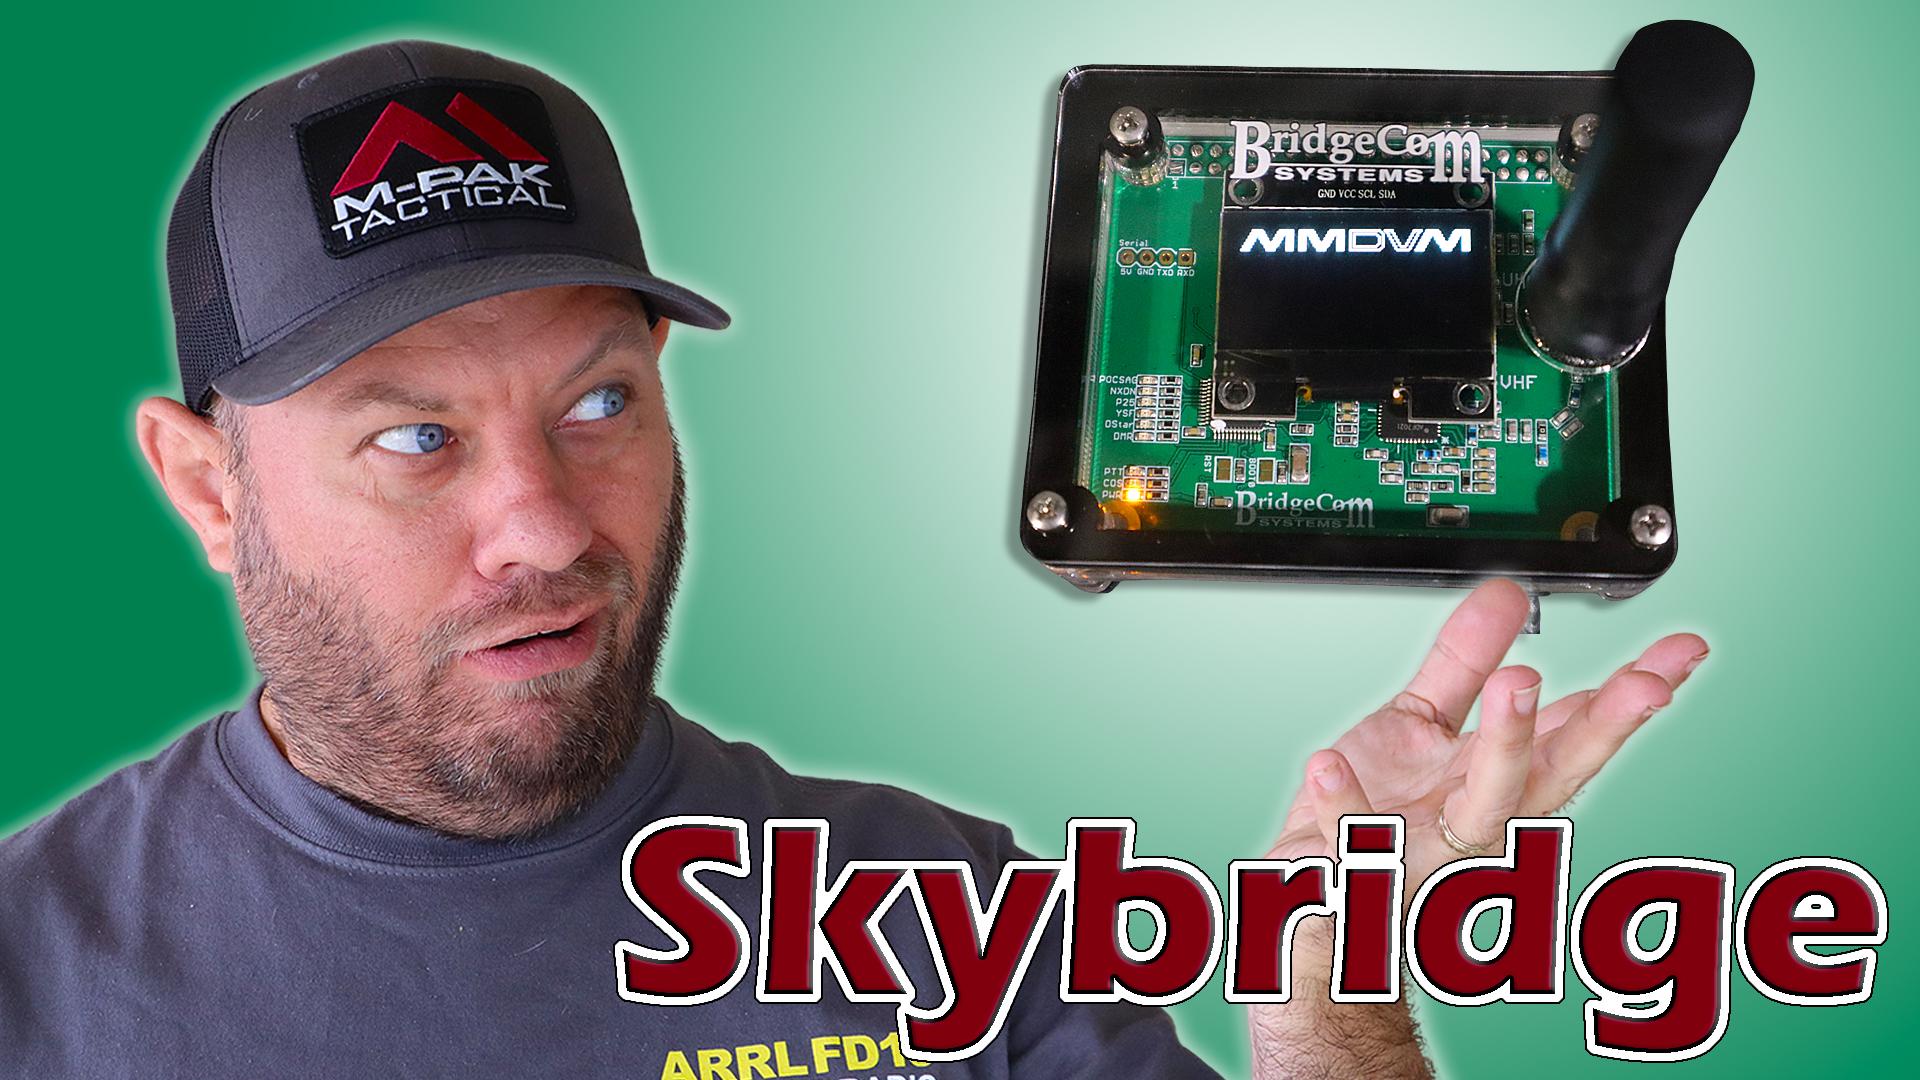 Episode 458: Bridgecom Systems REVEALS the Skybridge Hotspot | EASY Pi-star Setup